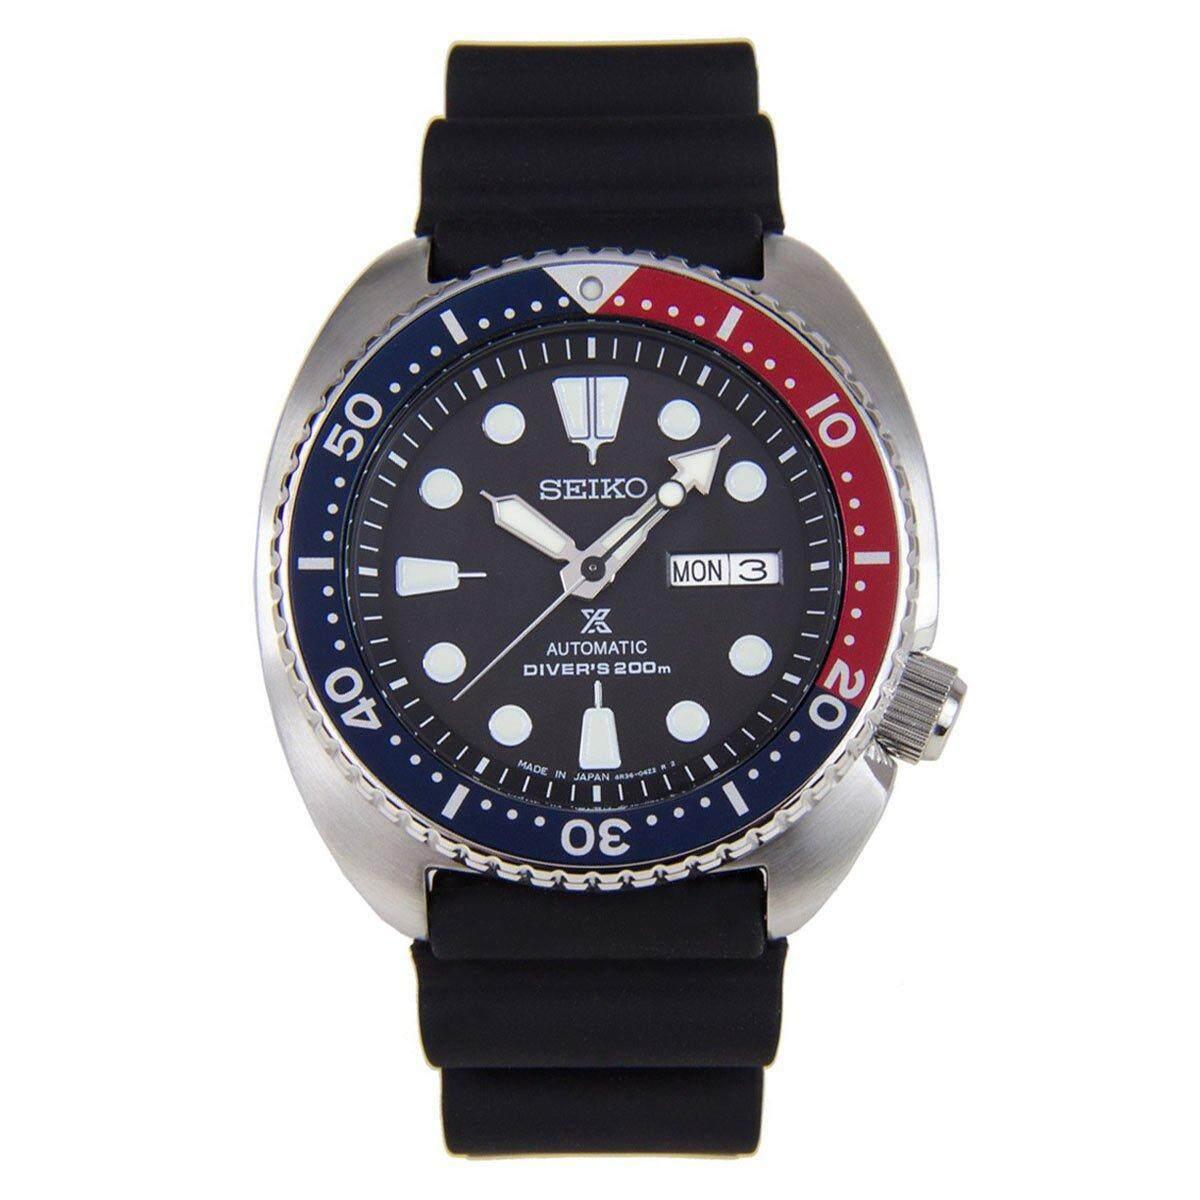 ยี่ห้อไหนดี  นนทบุรี Seiko นาฬิกา Prospex X DIVER s 200 เมตร SRP779K1 ของแท้100%